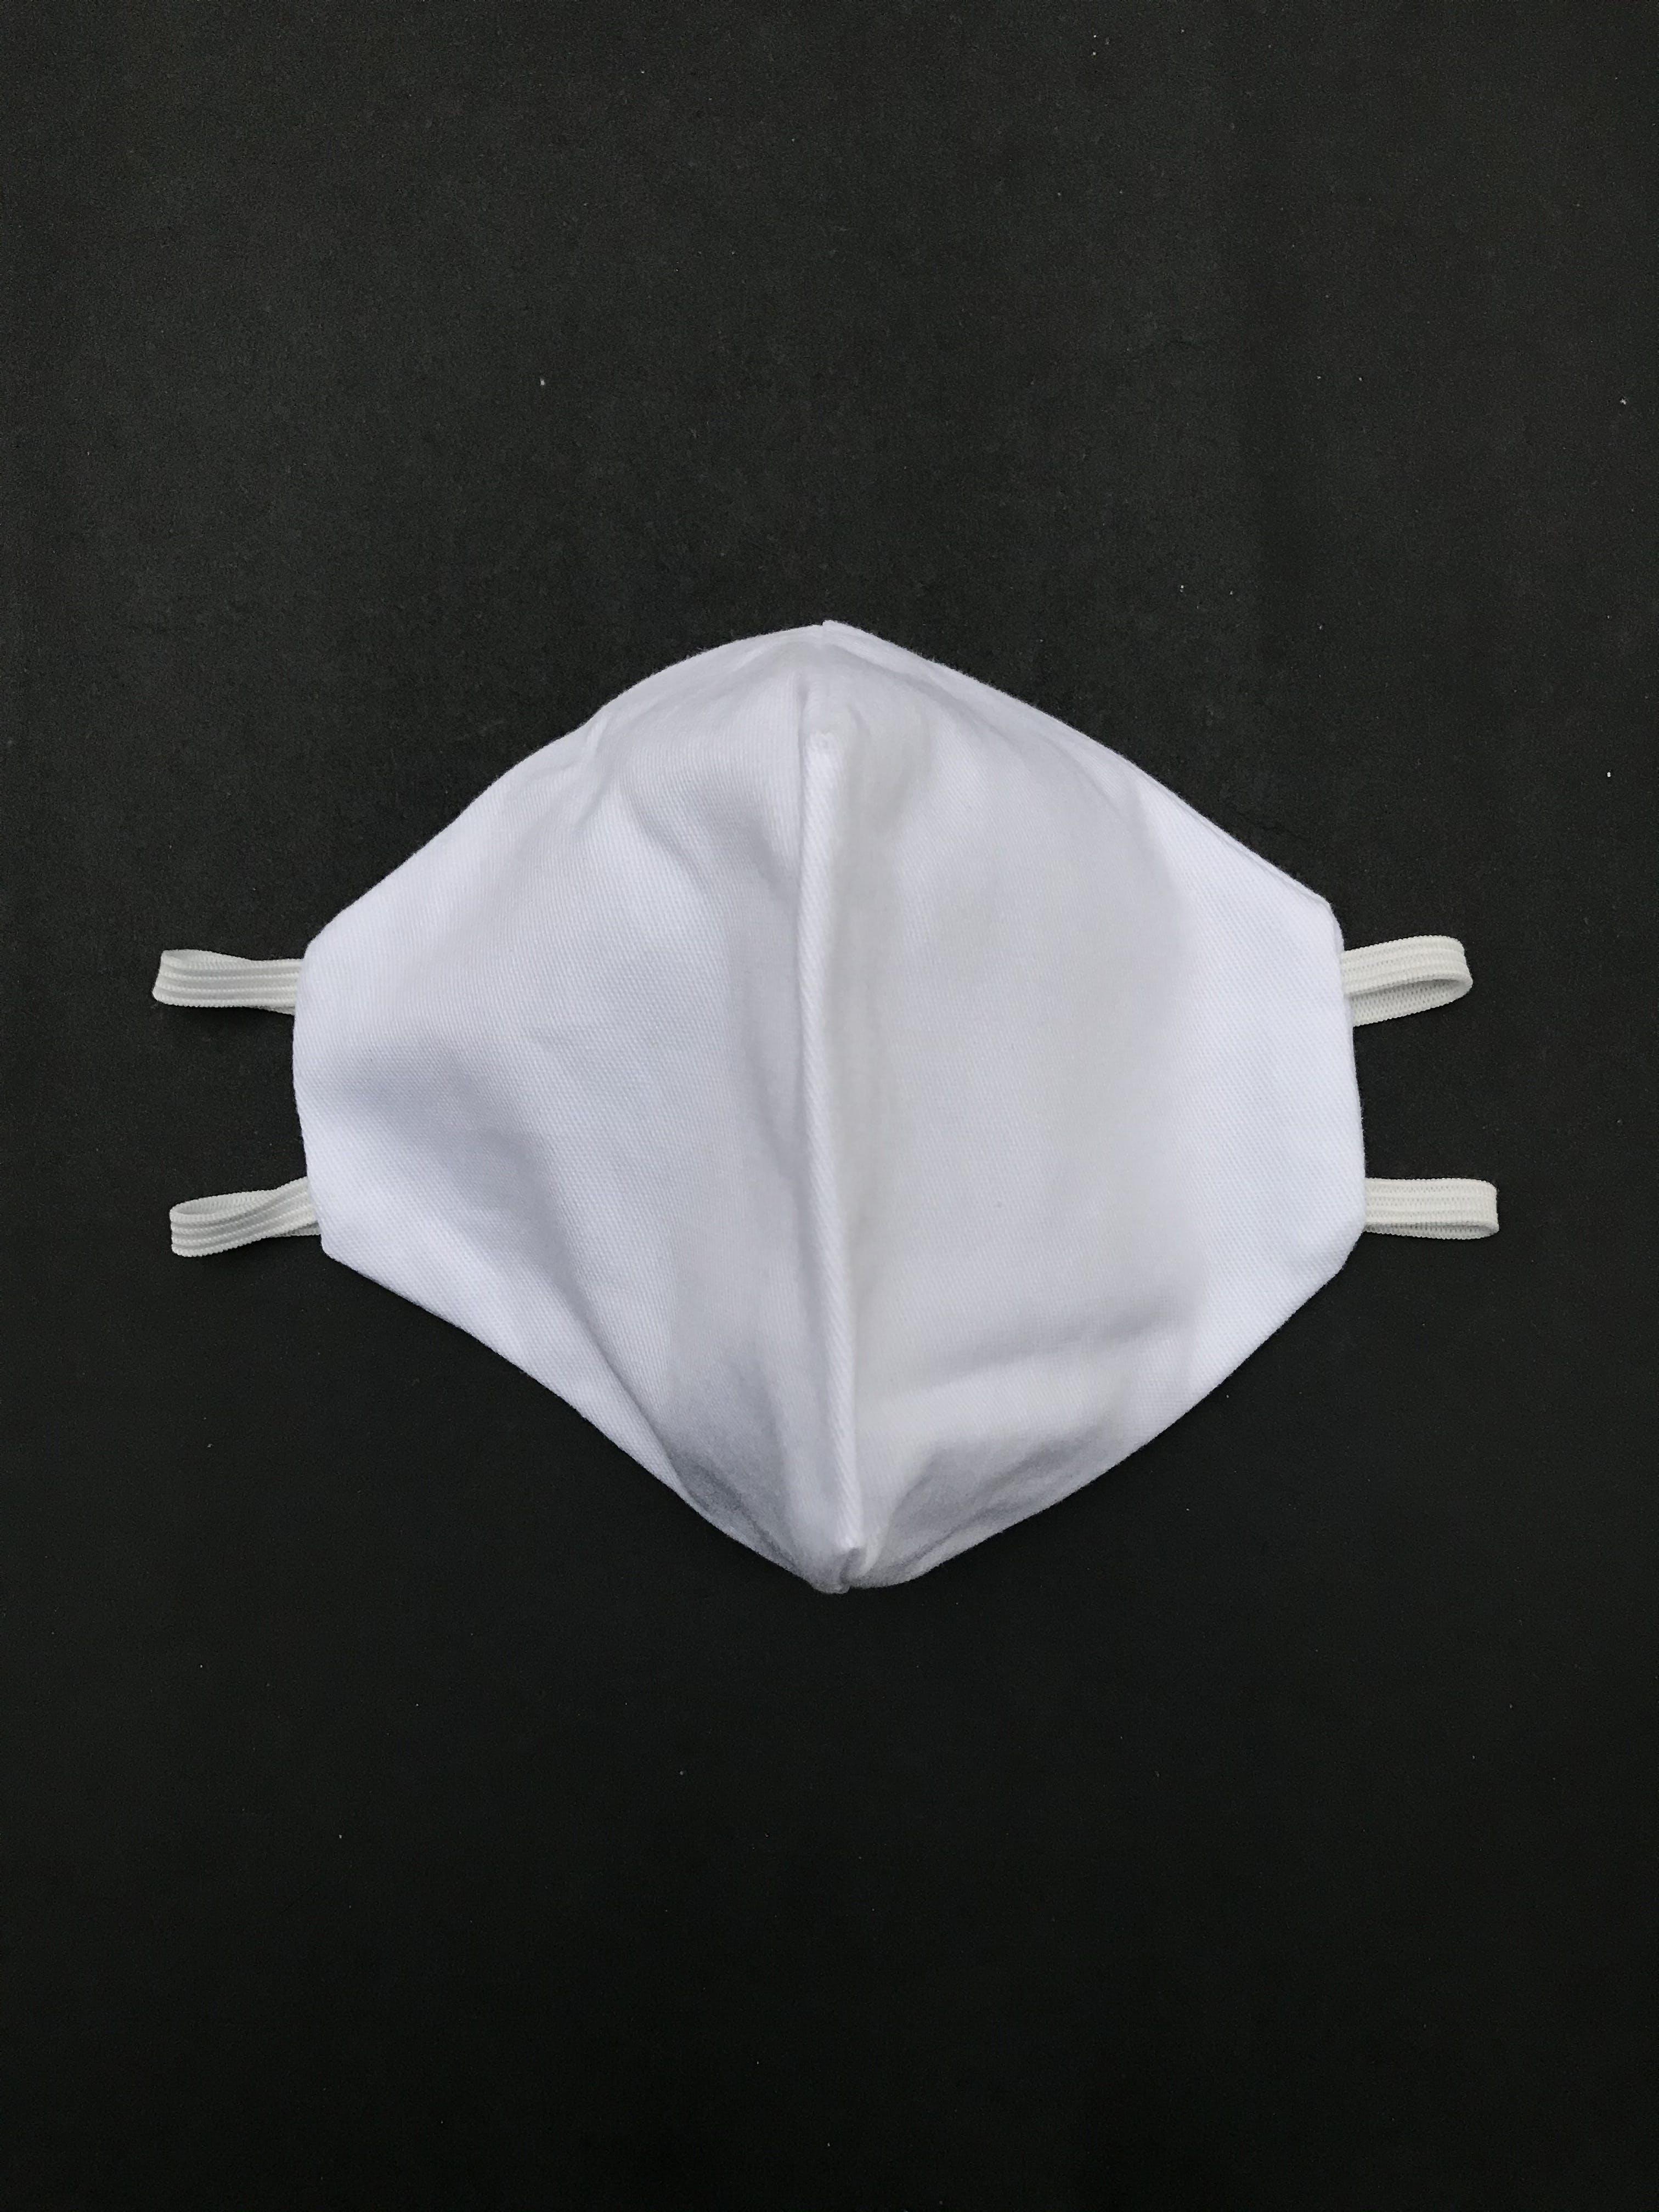 ADULTO - Mascarilla anatómica de doble capa de drill 100% algodón sanforizado, elastico de 3 ligas para la cabeza. Cubre de nariz hasta menton - reutilizable - capa interior 100% algodón antialérgico - resistente al cloro - se recomienda lavar antes de usar